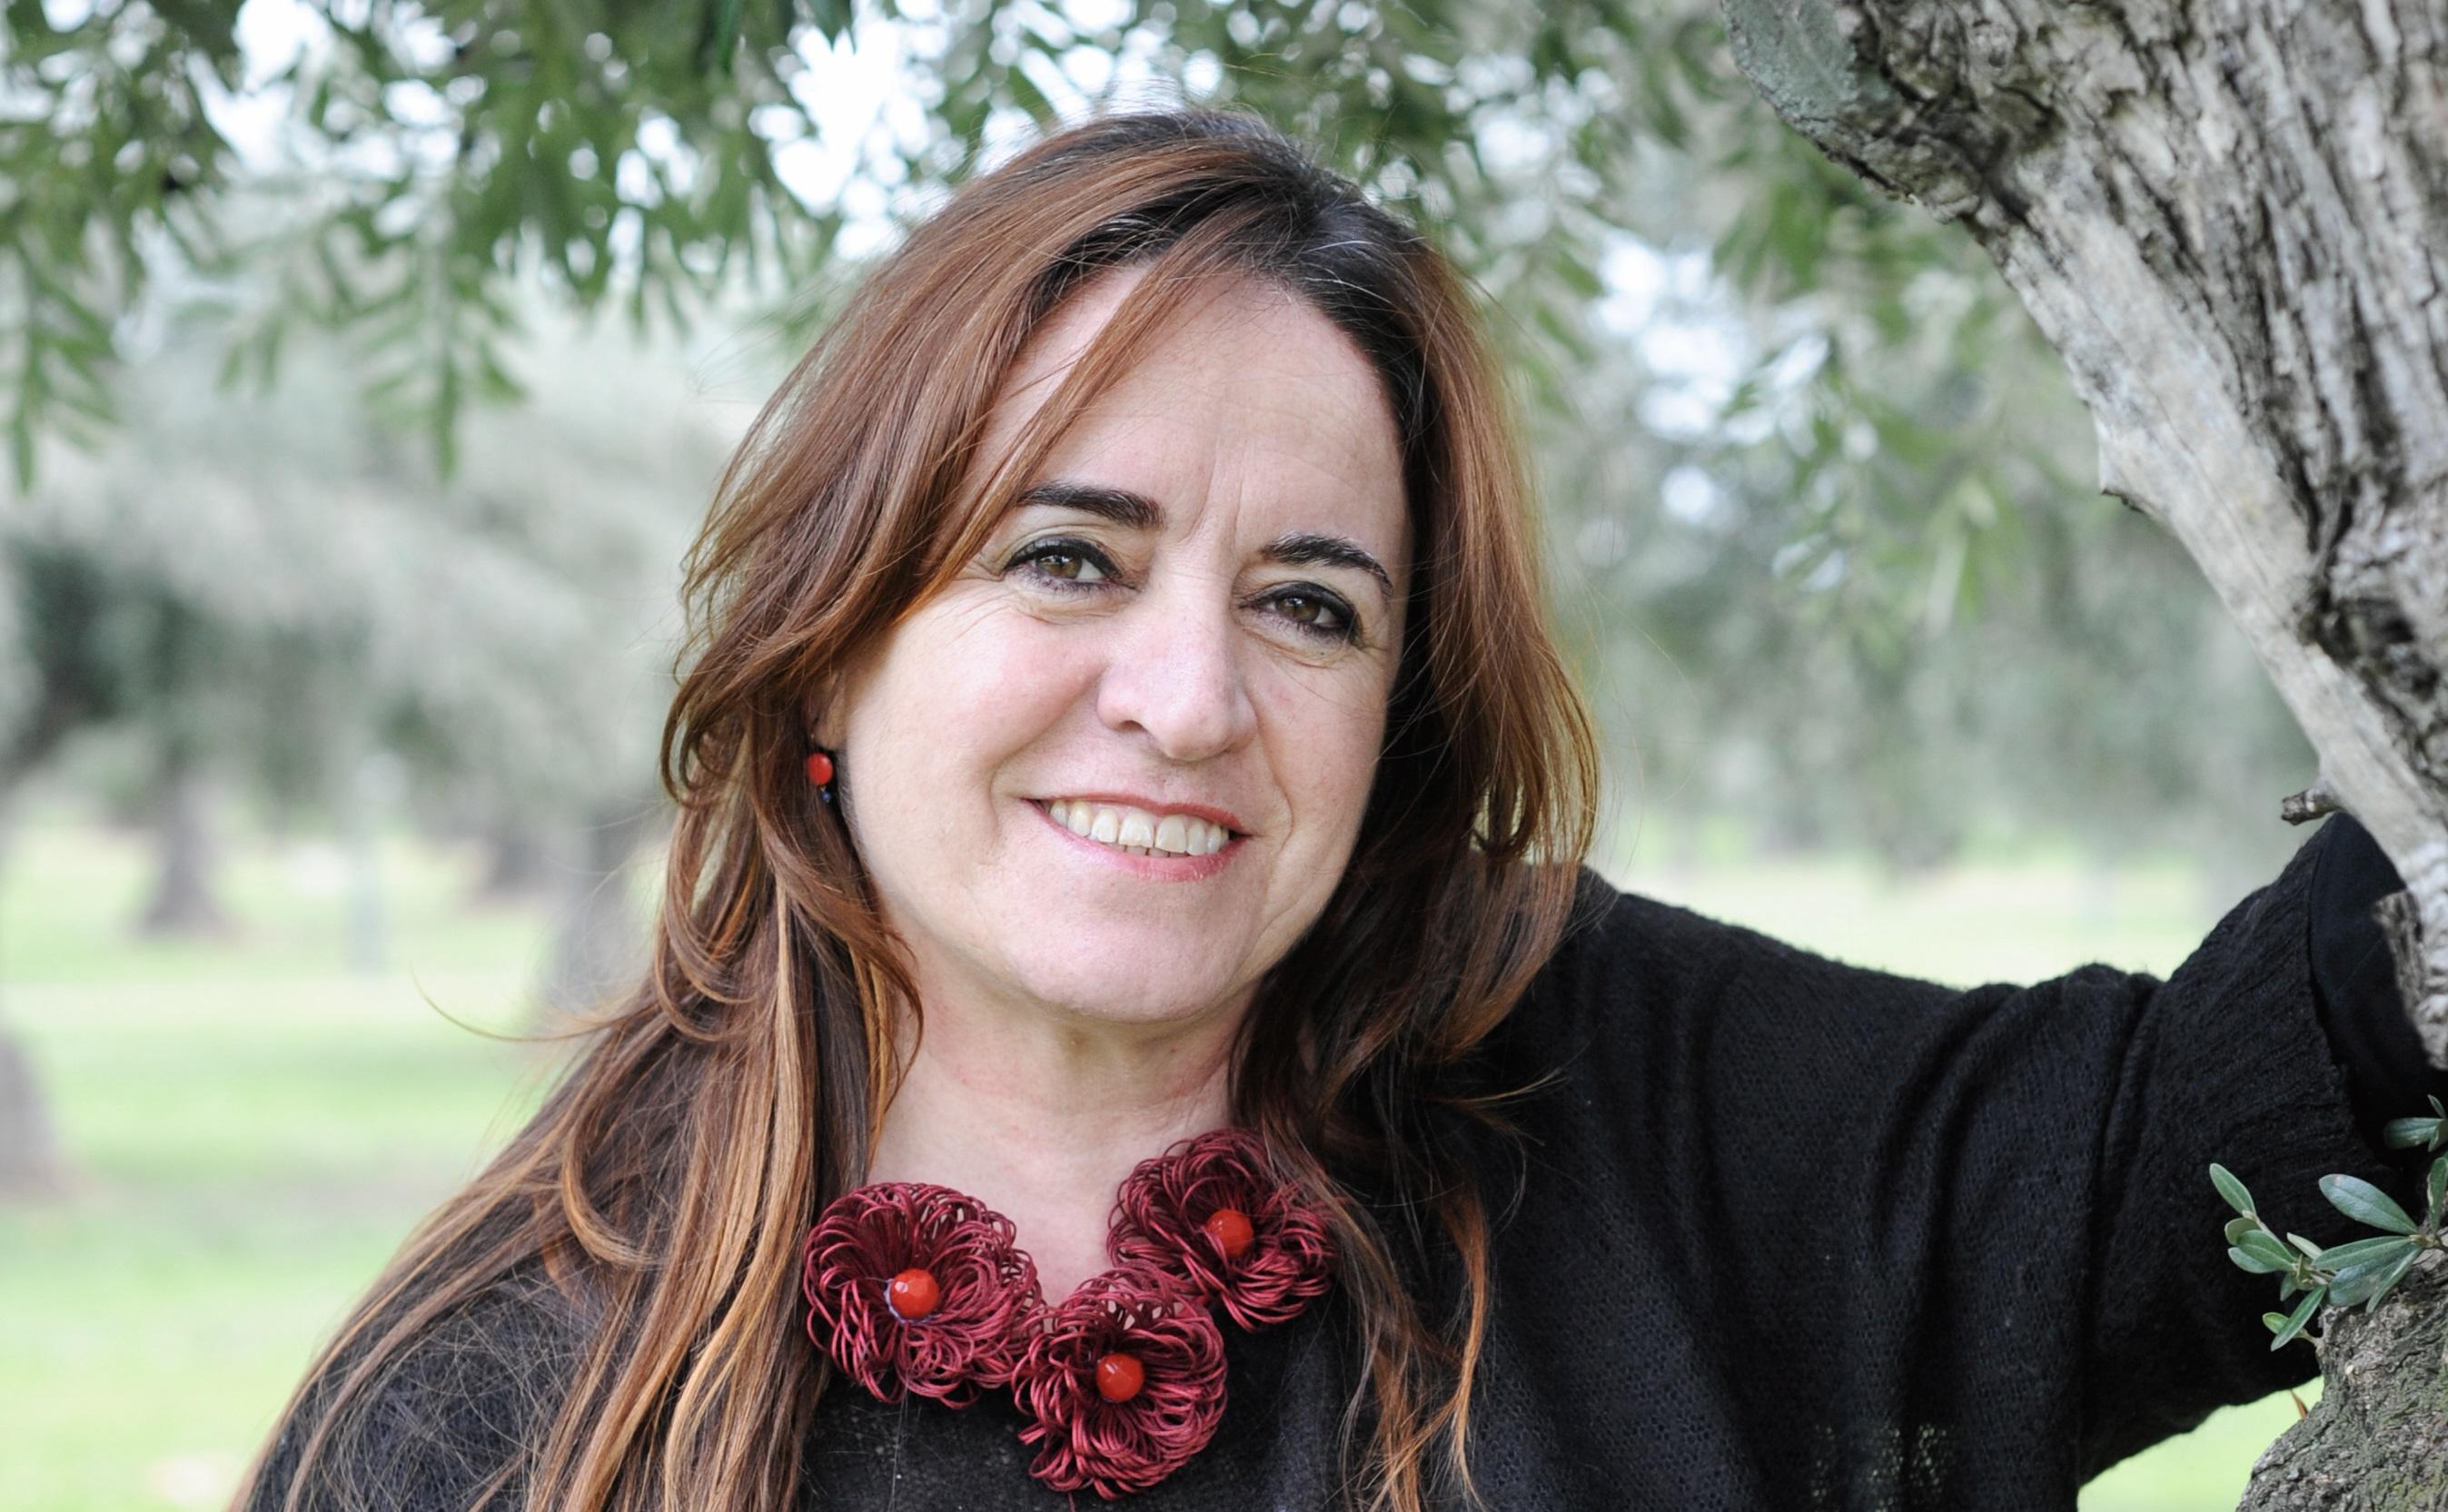 Esther Beiztegui es miembro del eqipo y docente de El Olivo Psicoterapia Humanista